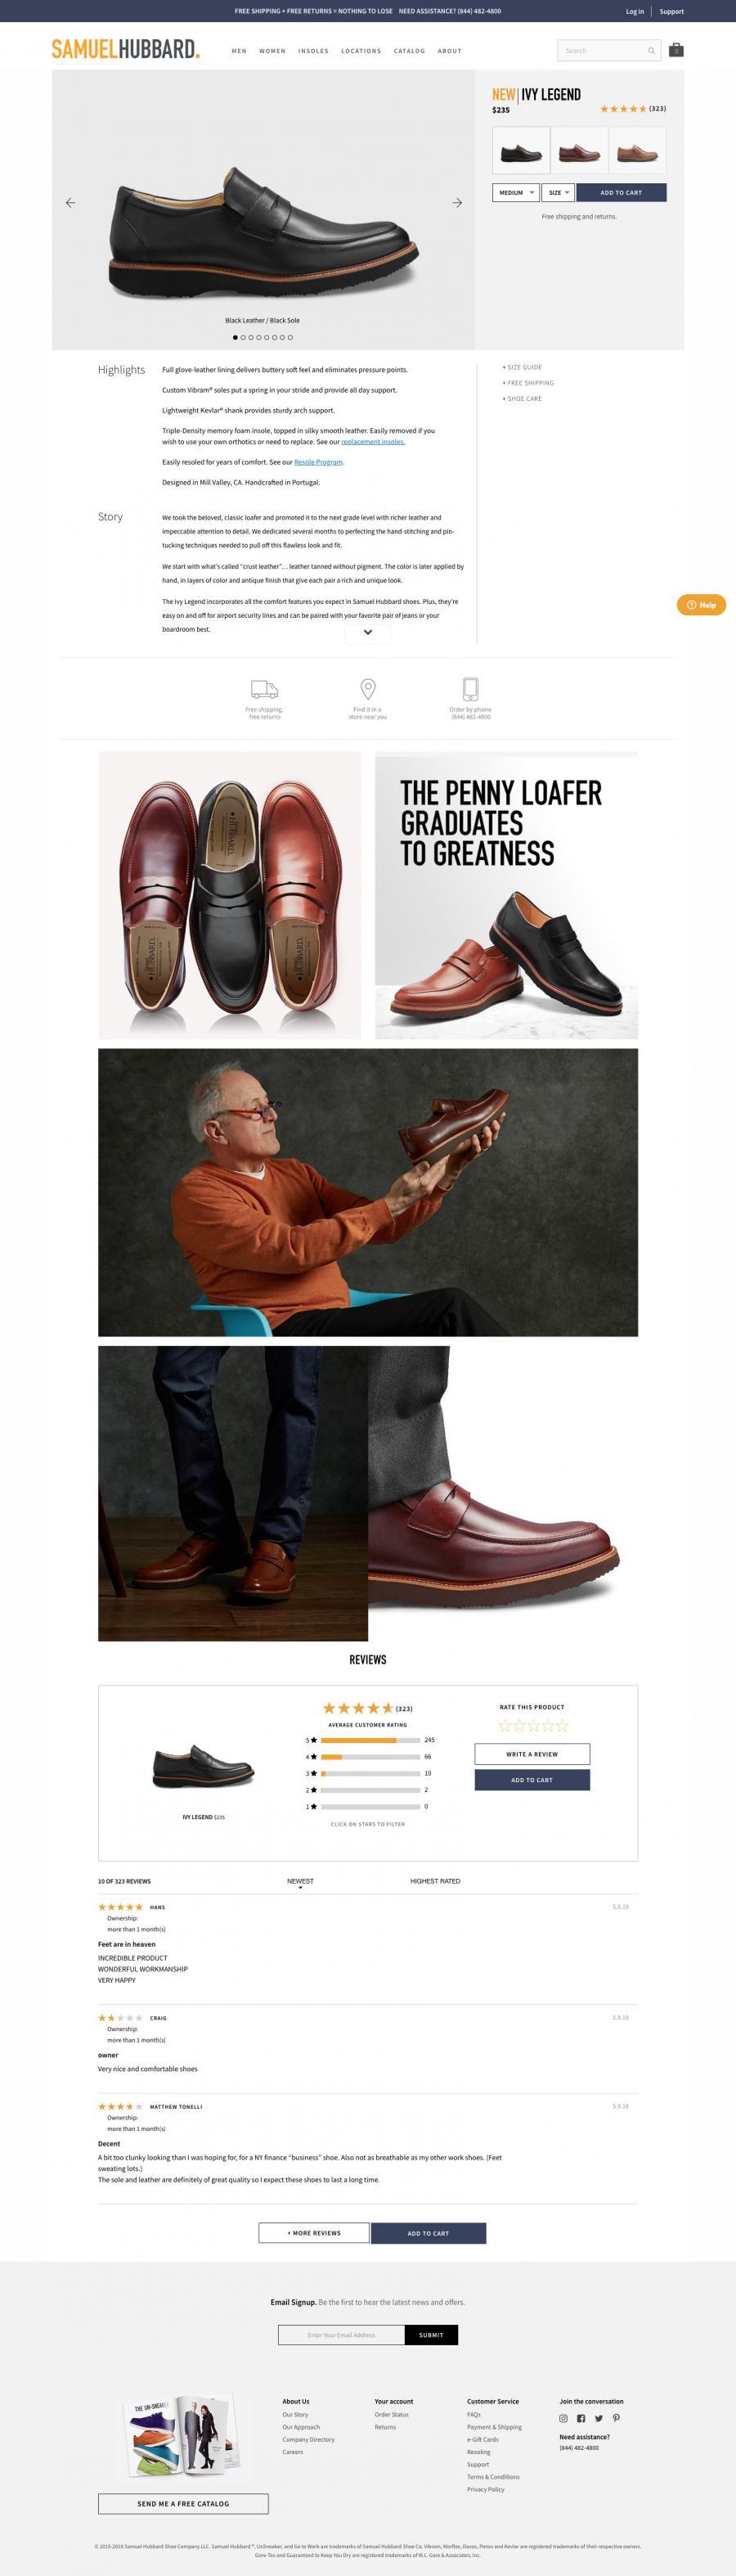 Samuel Hubbard Comfy Shoes